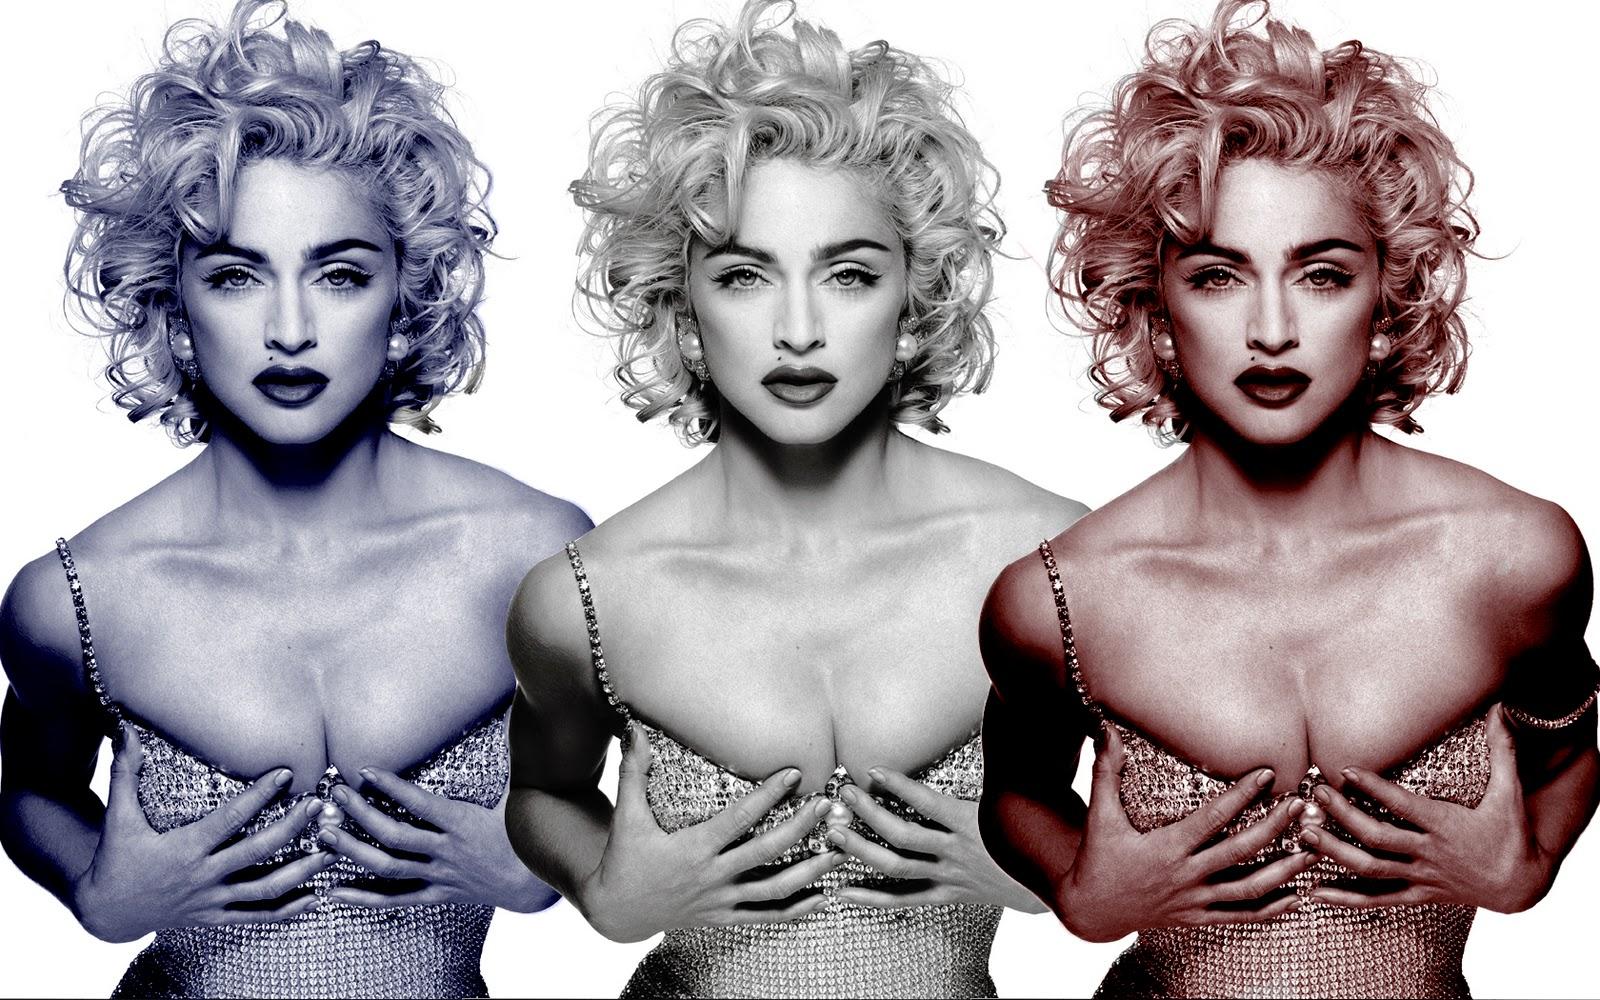 http://4.bp.blogspot.com/_7RiQ45N2reU/TJ54JtxclxI/AAAAAAAAN8o/MJ7iqA4UacI/s1600/Madonna.jpg